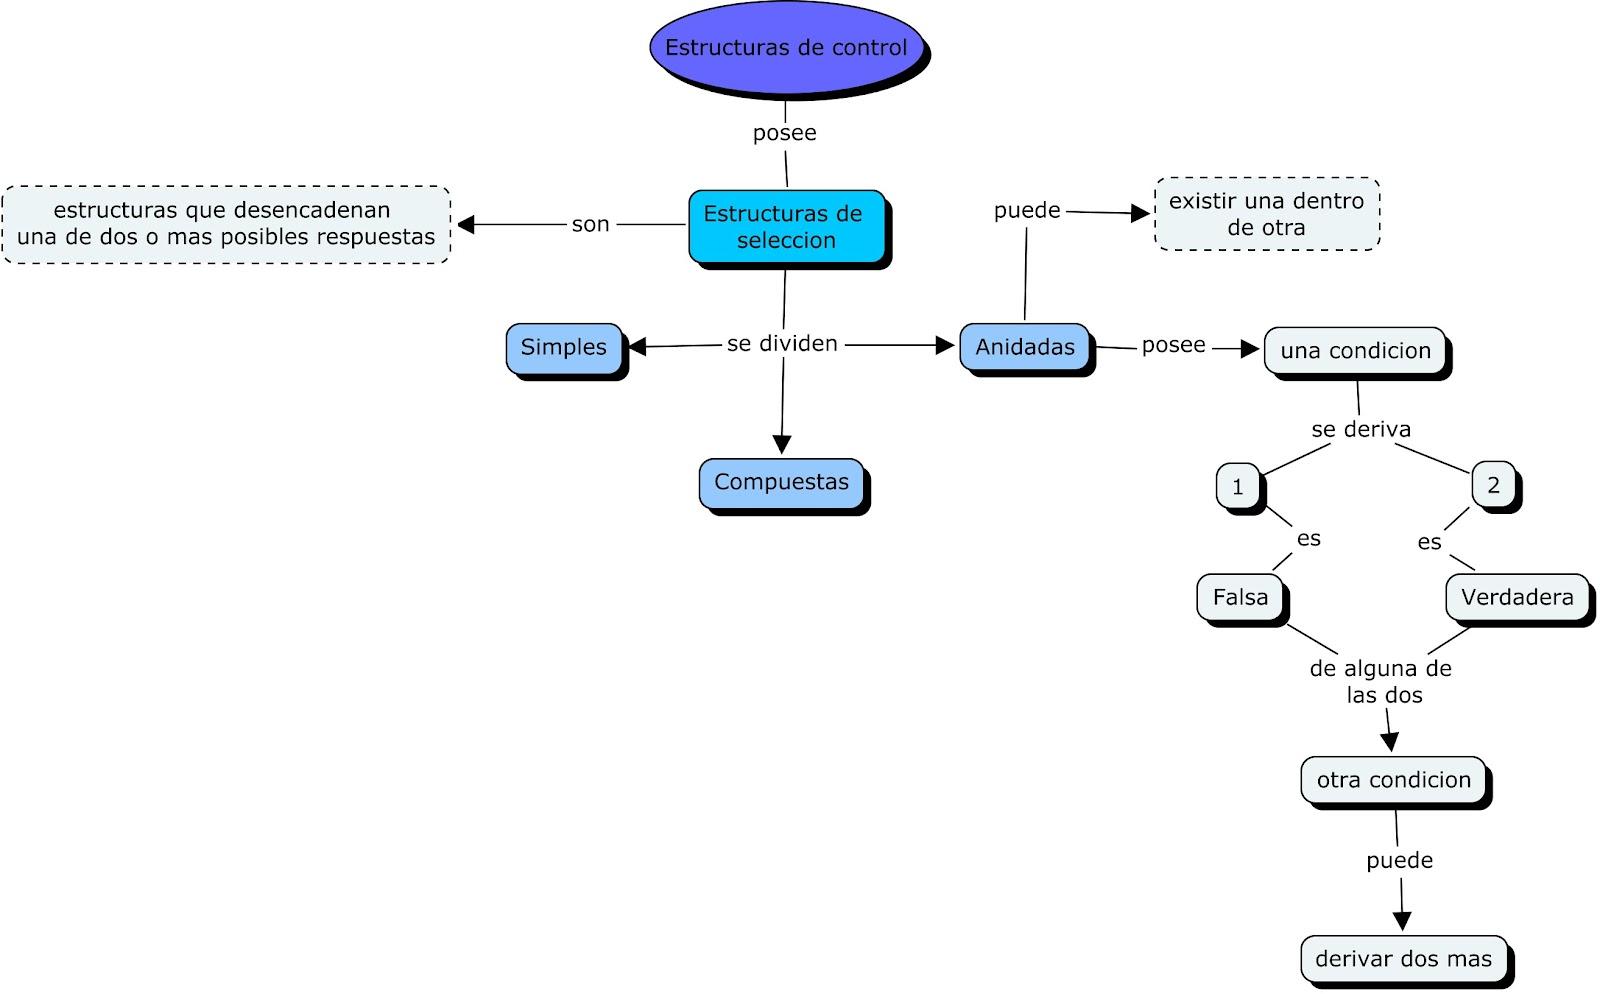 estructura control: